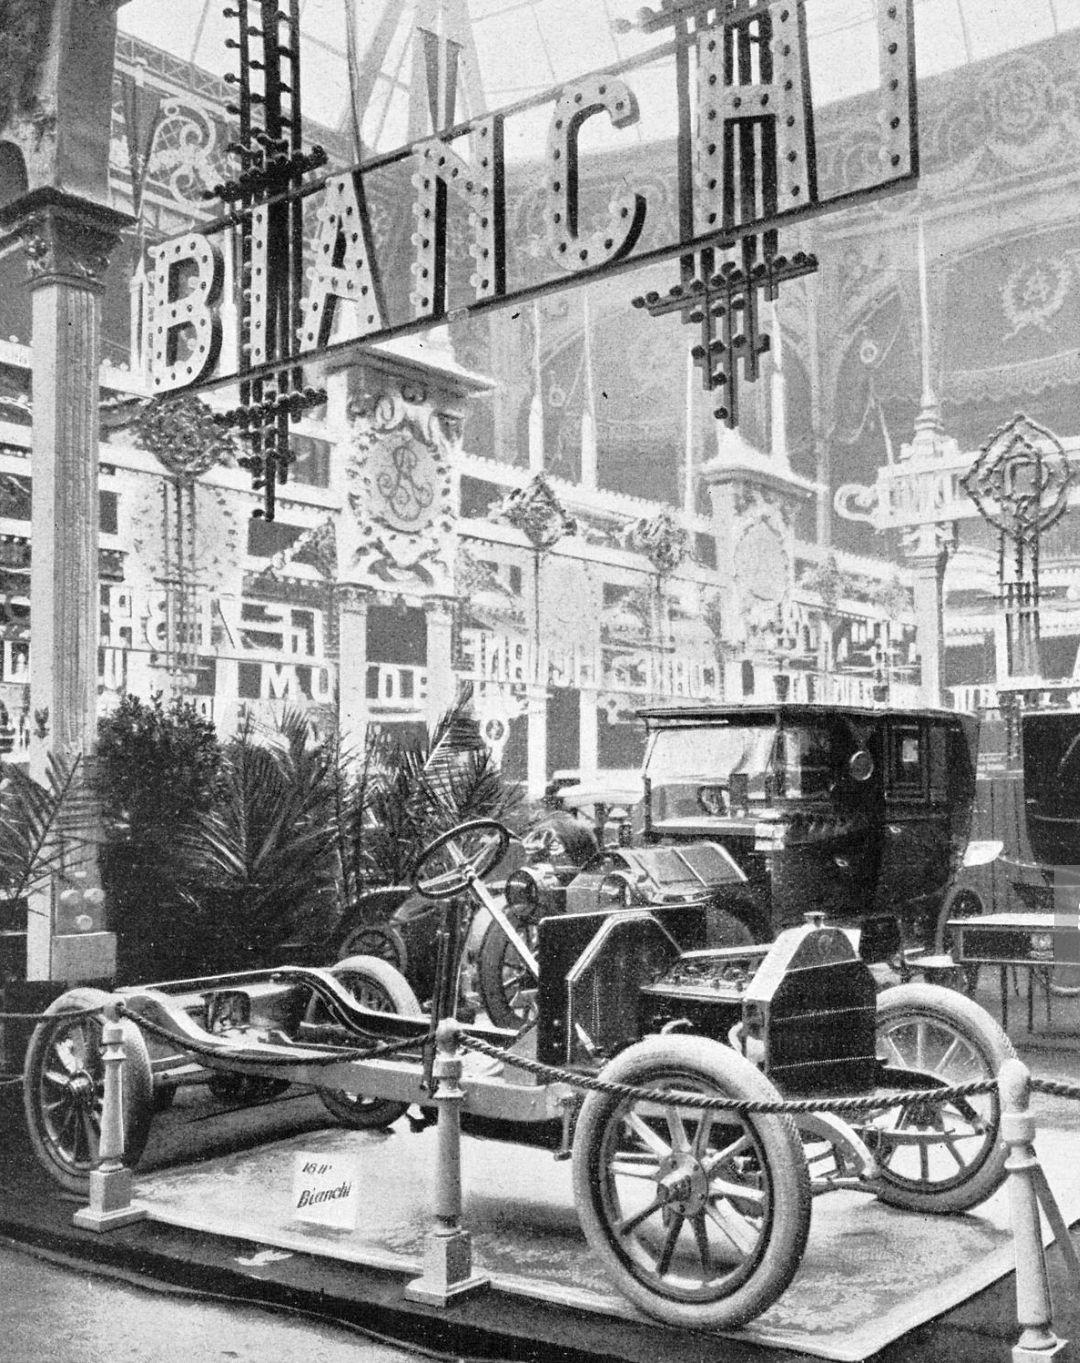 Bianchi_Paris _Salon_L'Illustrazione Italiana, No 52, December 25, 1910_Galerie